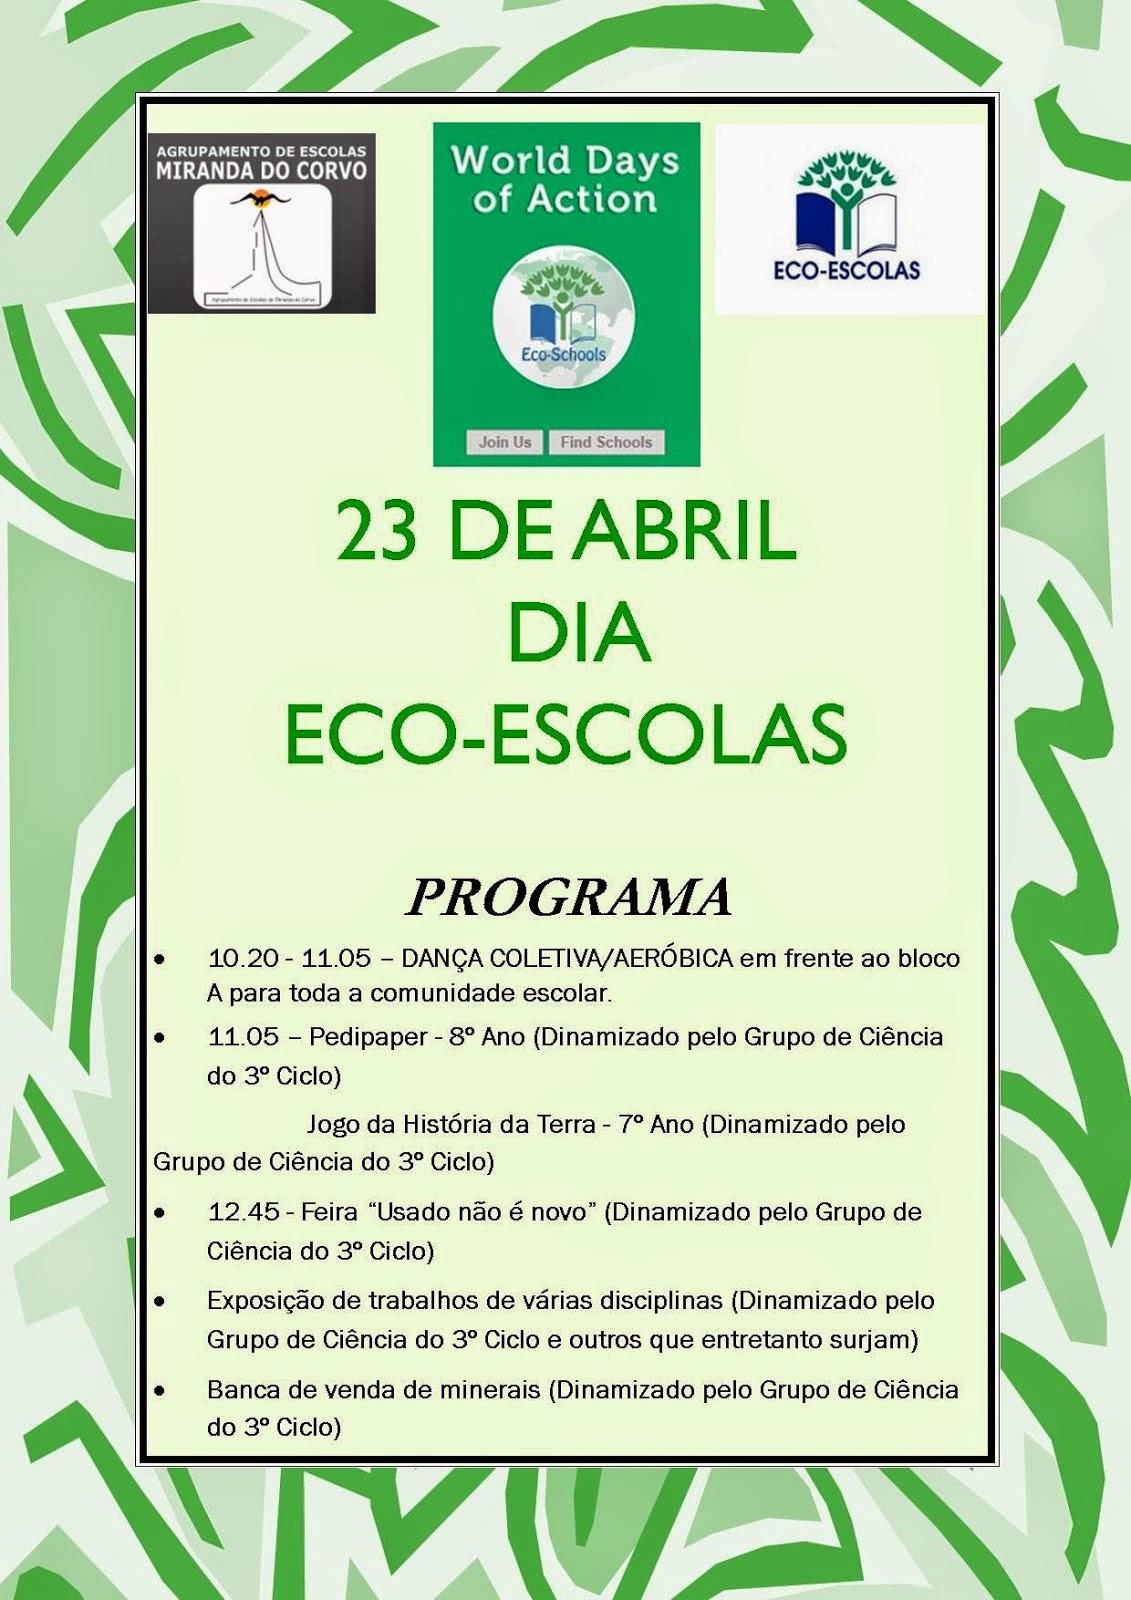 23 de Abril - Dia eco-escolas